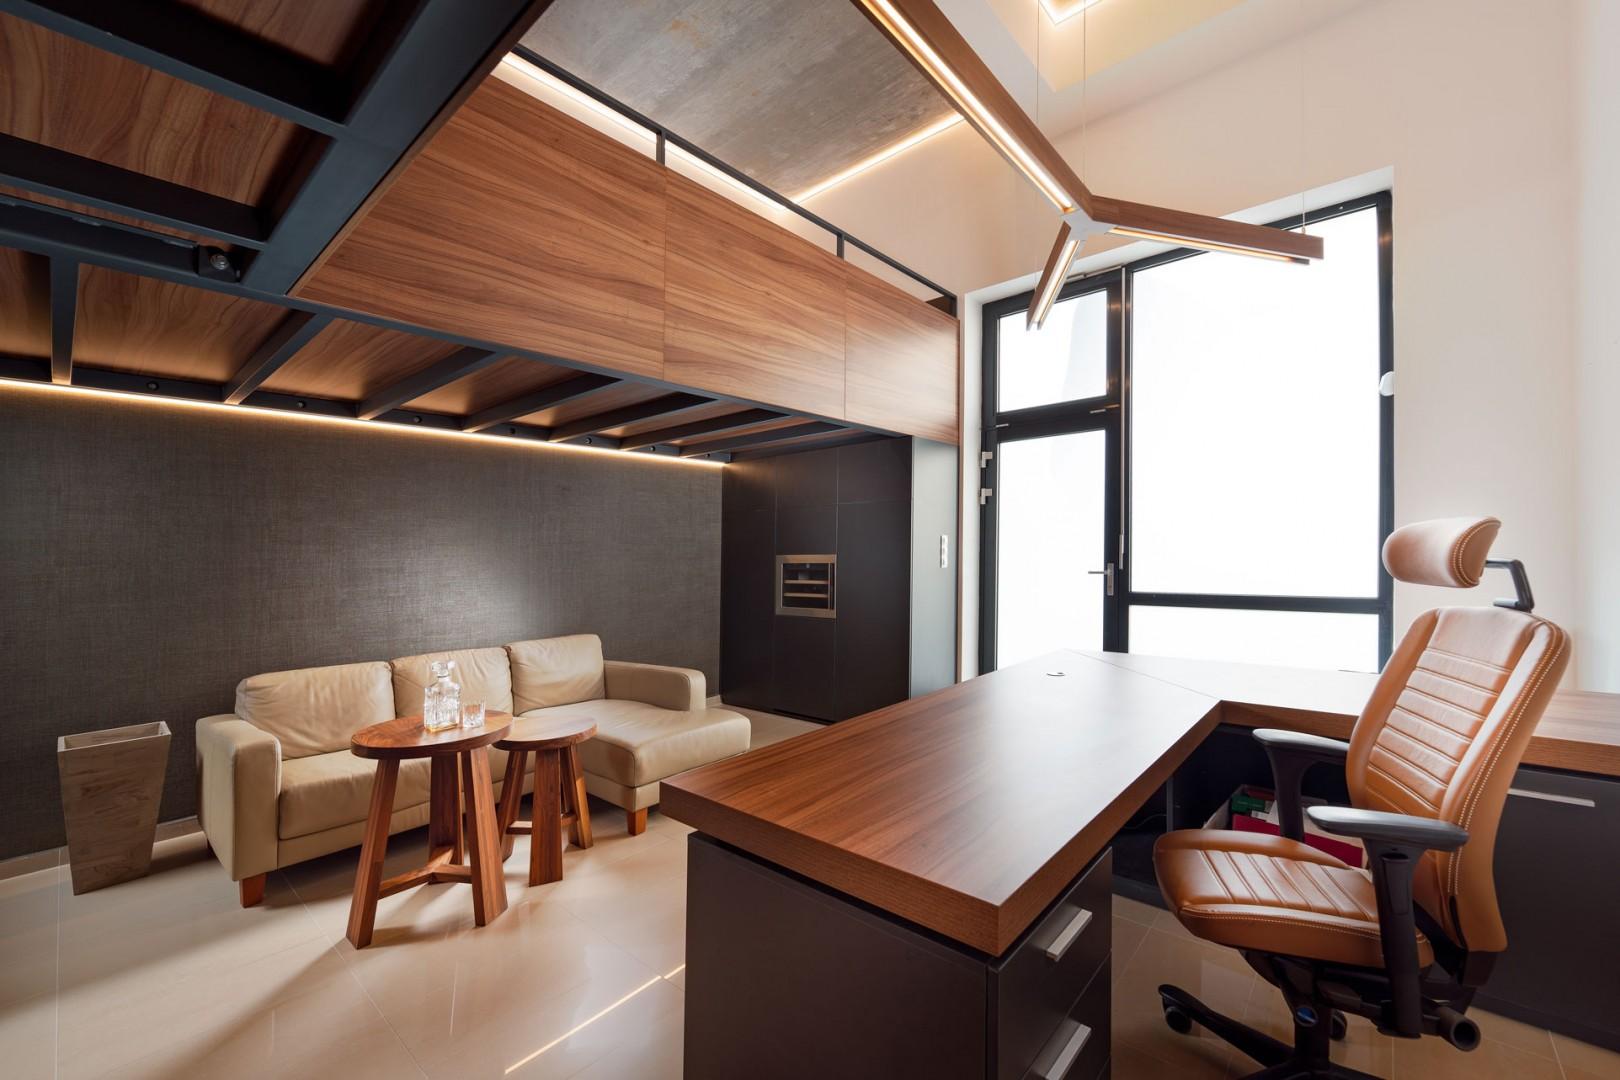 Návrh a realizácia interiéru - reprezentatívny loftový priestor